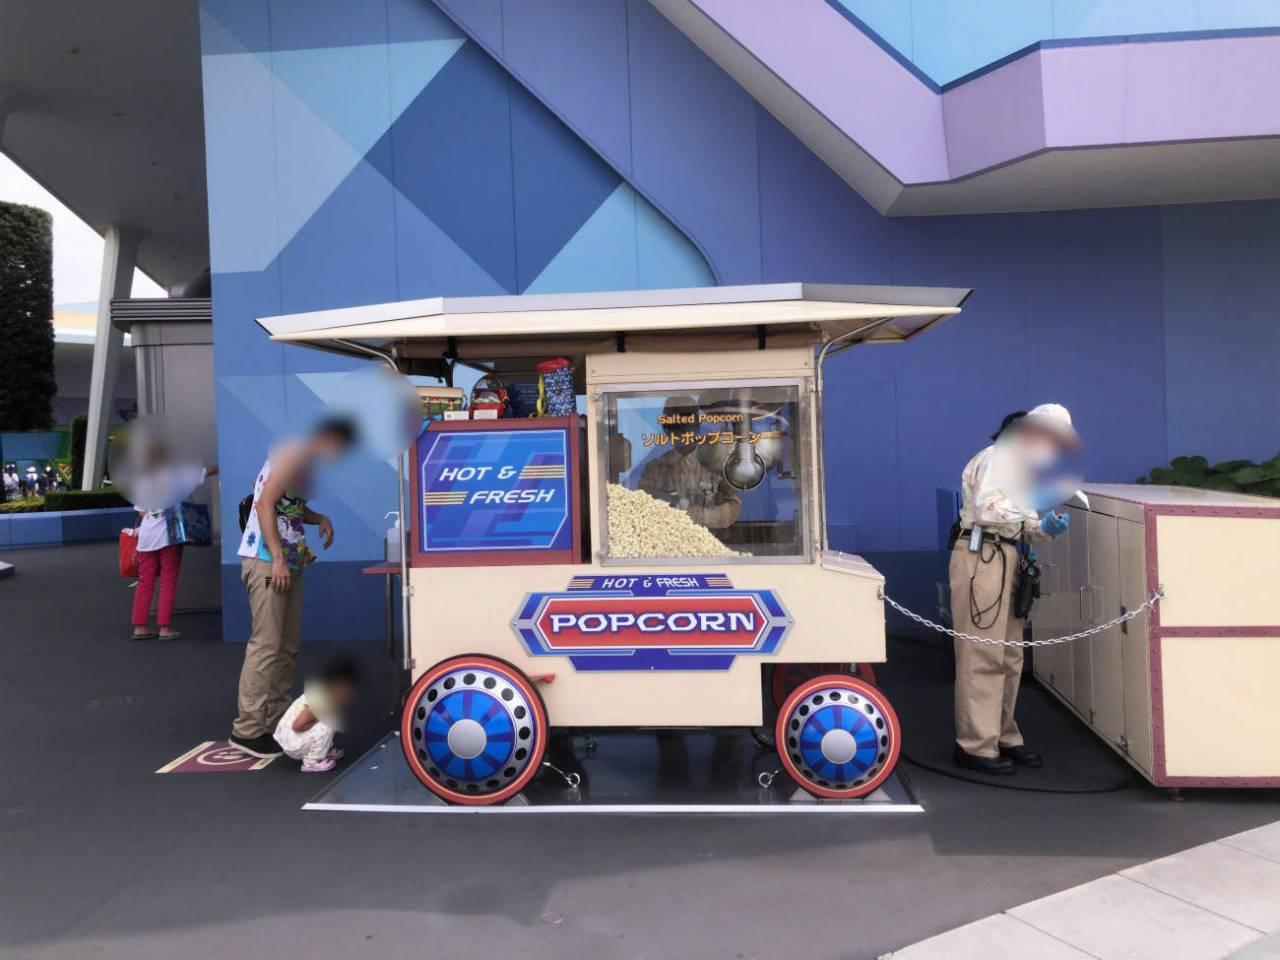 ディズニーランドのポップコーン売り場